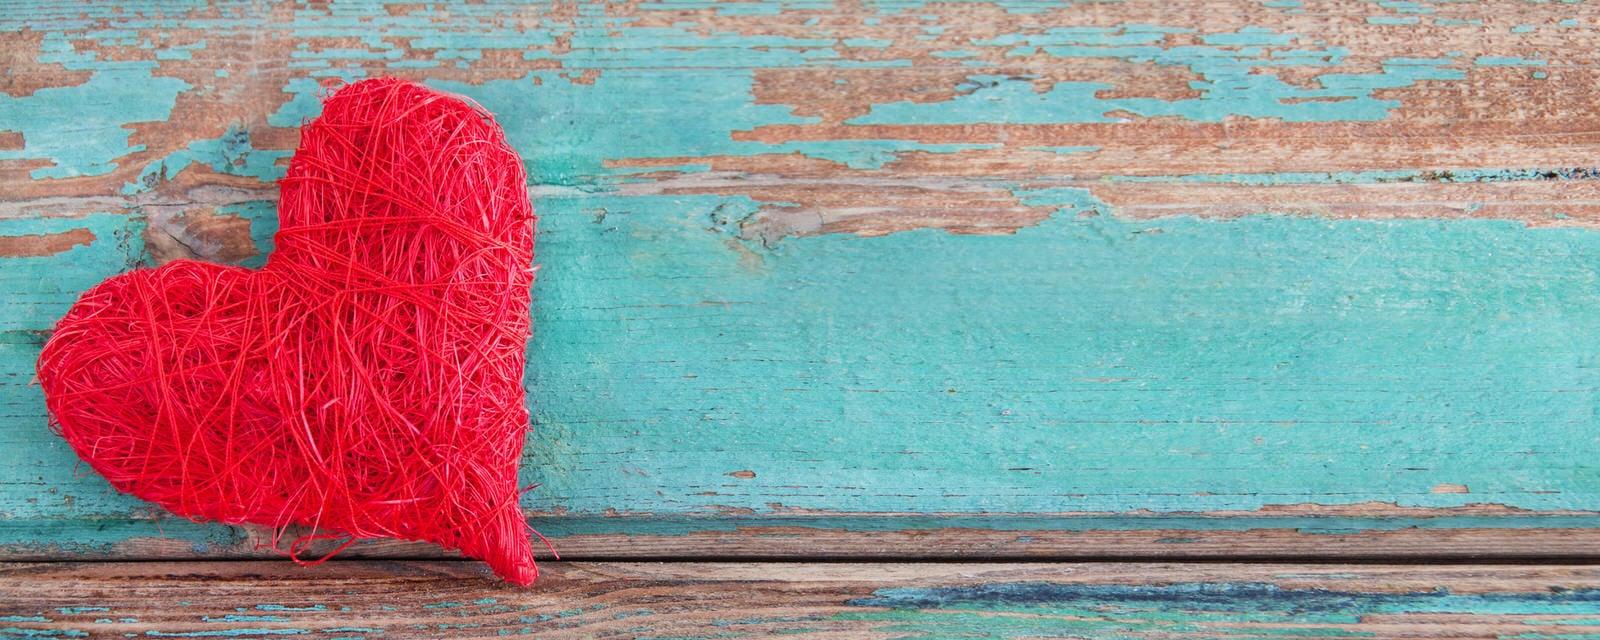 Rotes Stoffherz auf lackierten Holz, wo die minte Farbe schon abblättert